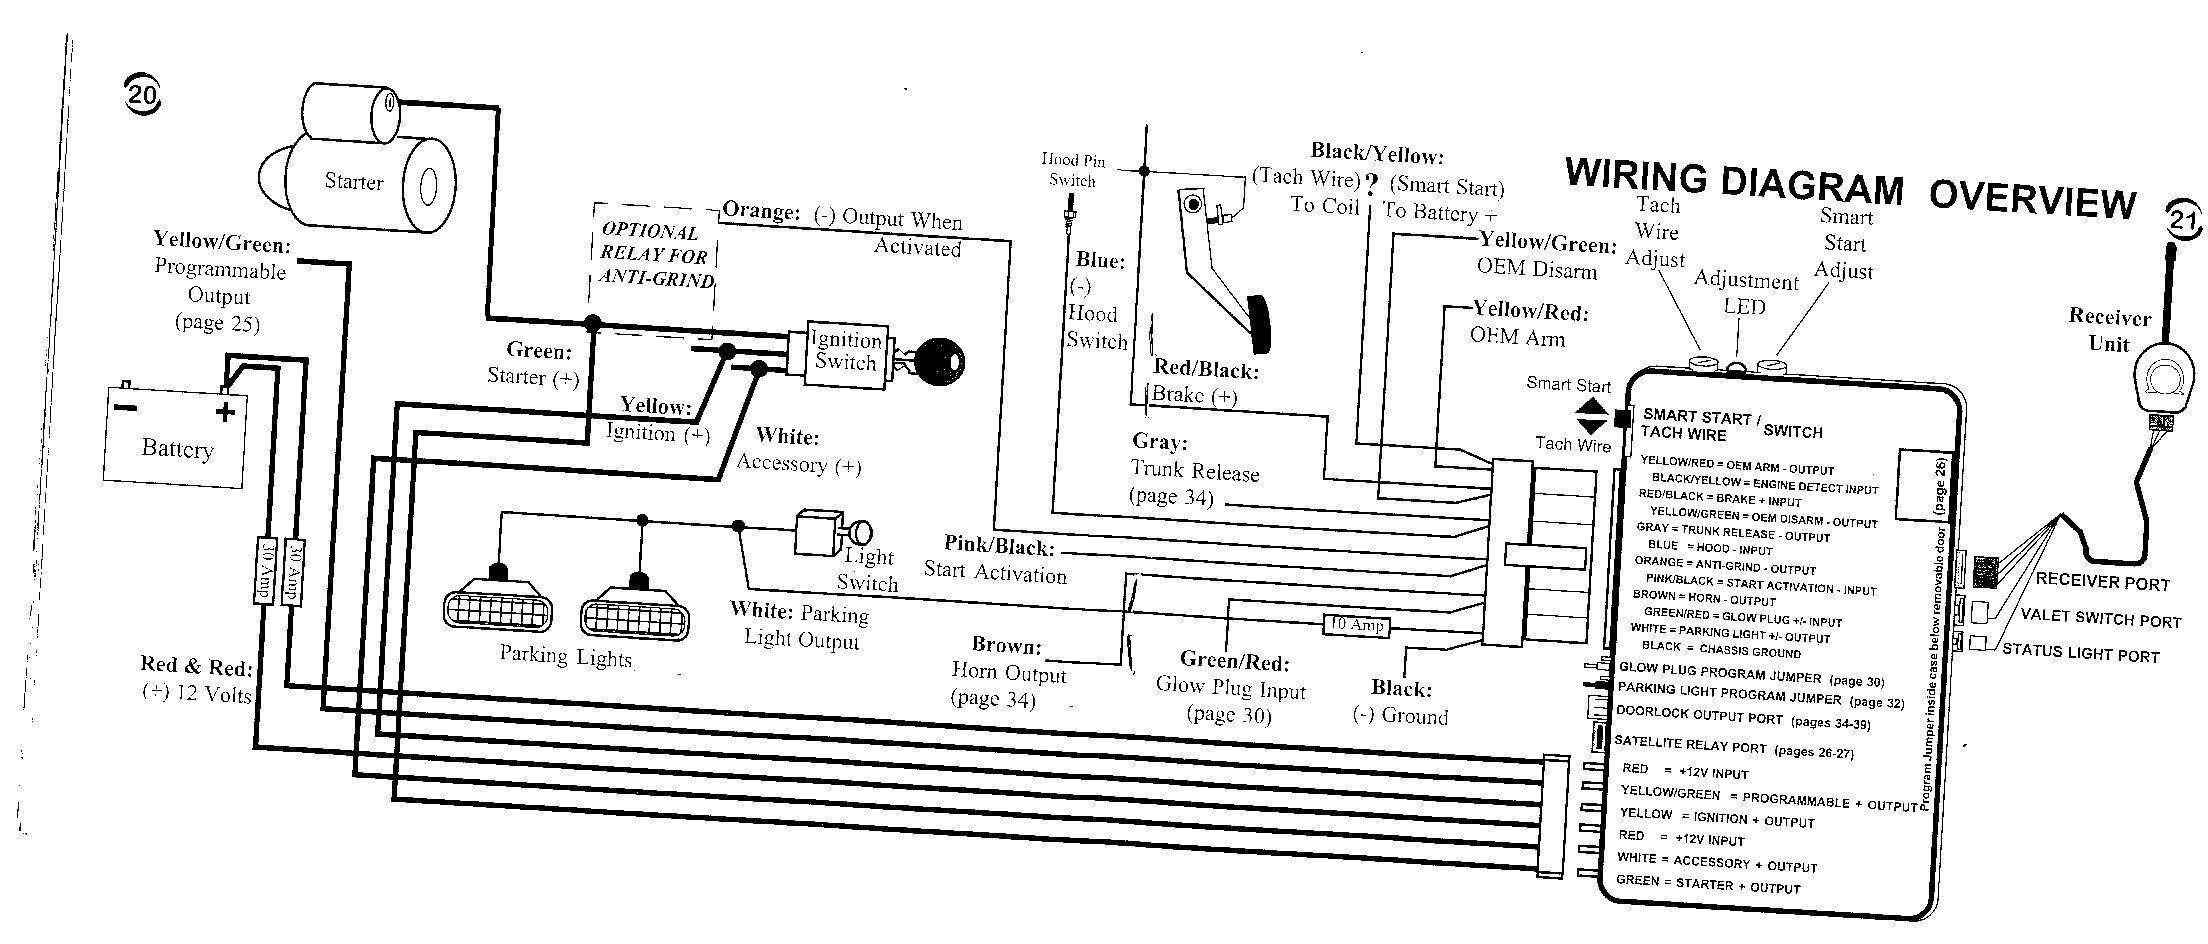 viper 5704 wiring diagram - cruise master wiring diagram for wiring diagram  schematics  wiring diagram schematics